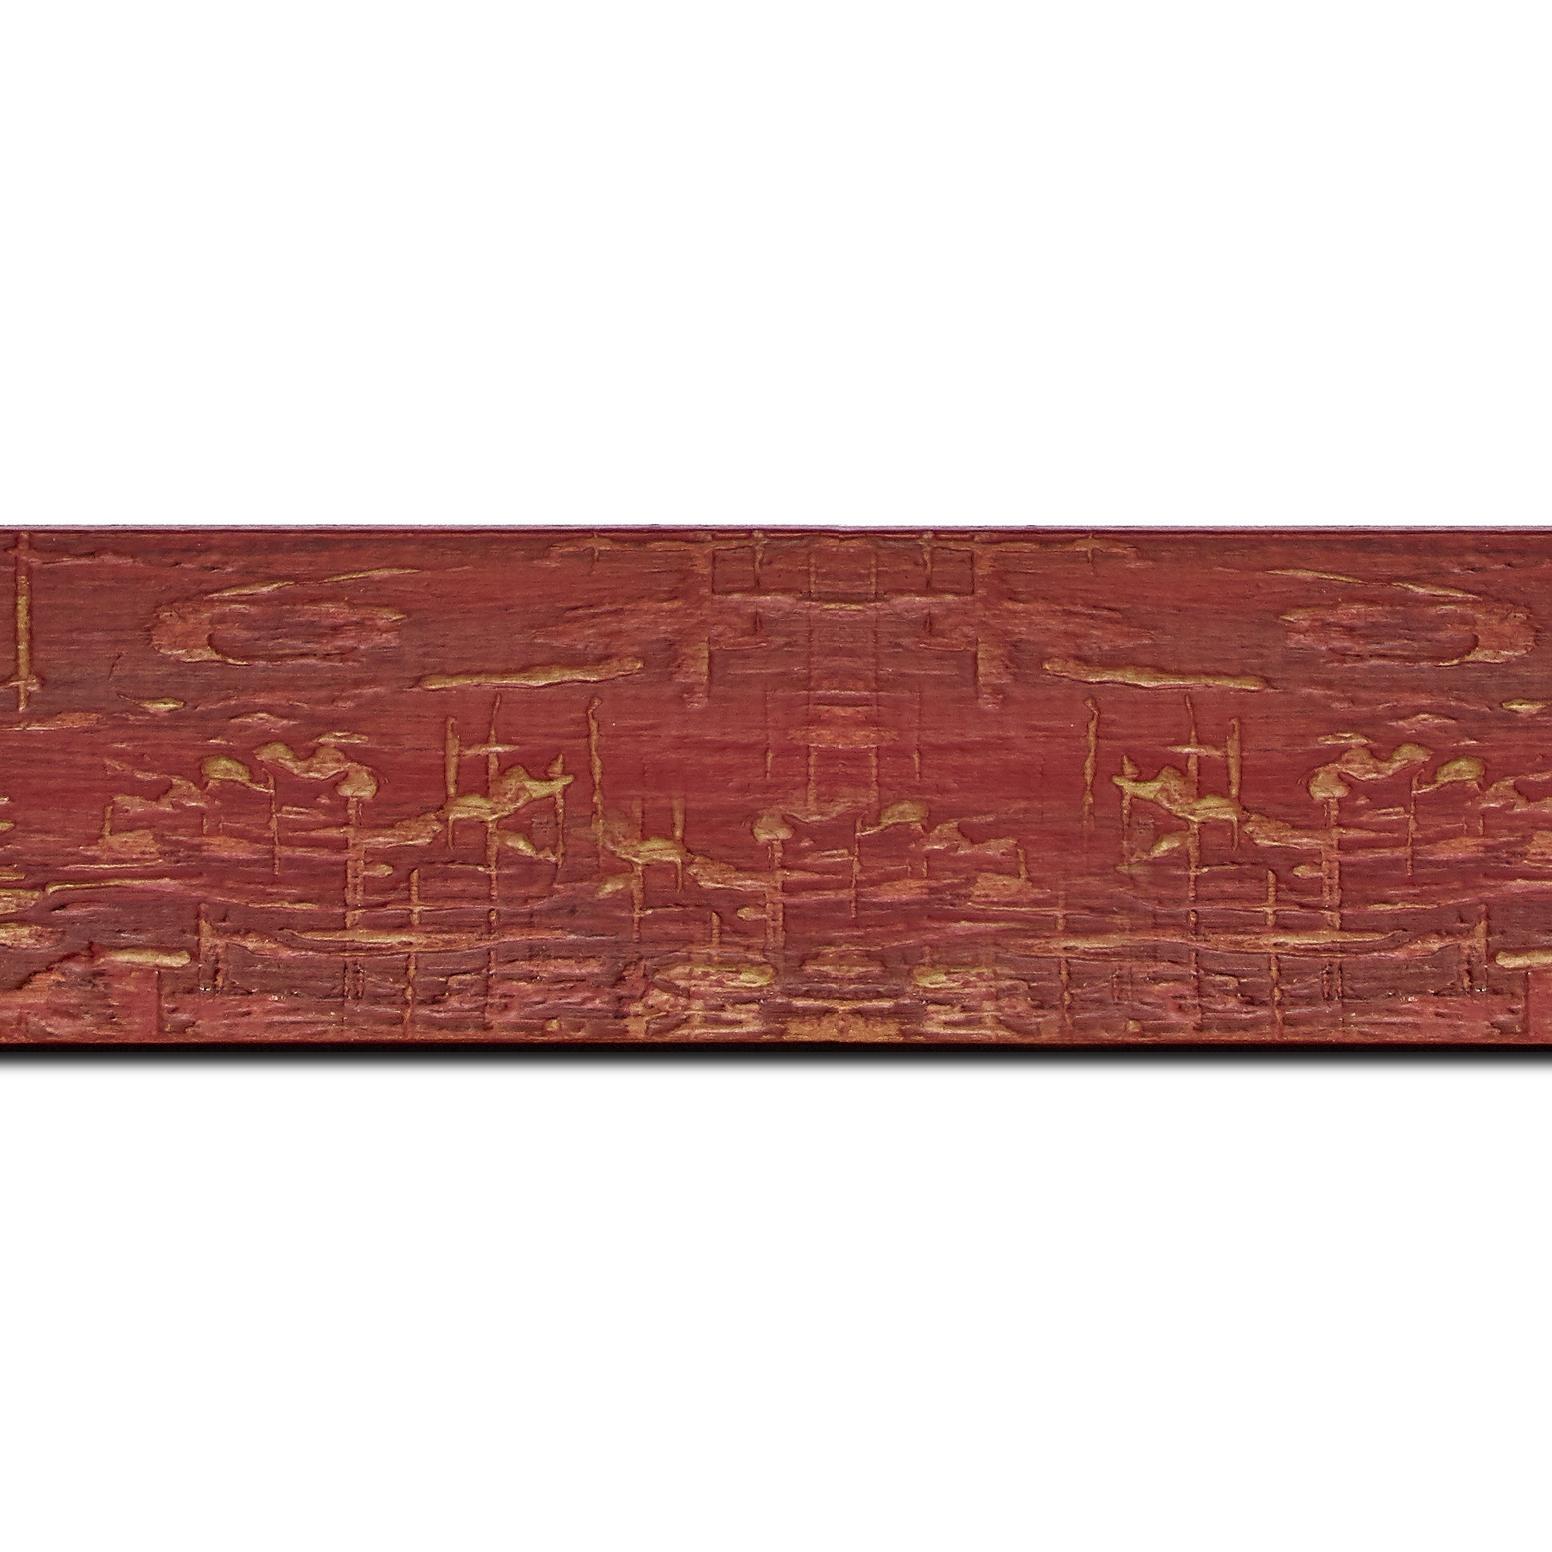 Baguette longueur 1.40m bois profil plat largeur 5cm couleur bordeaux finition bois brut aspect palette